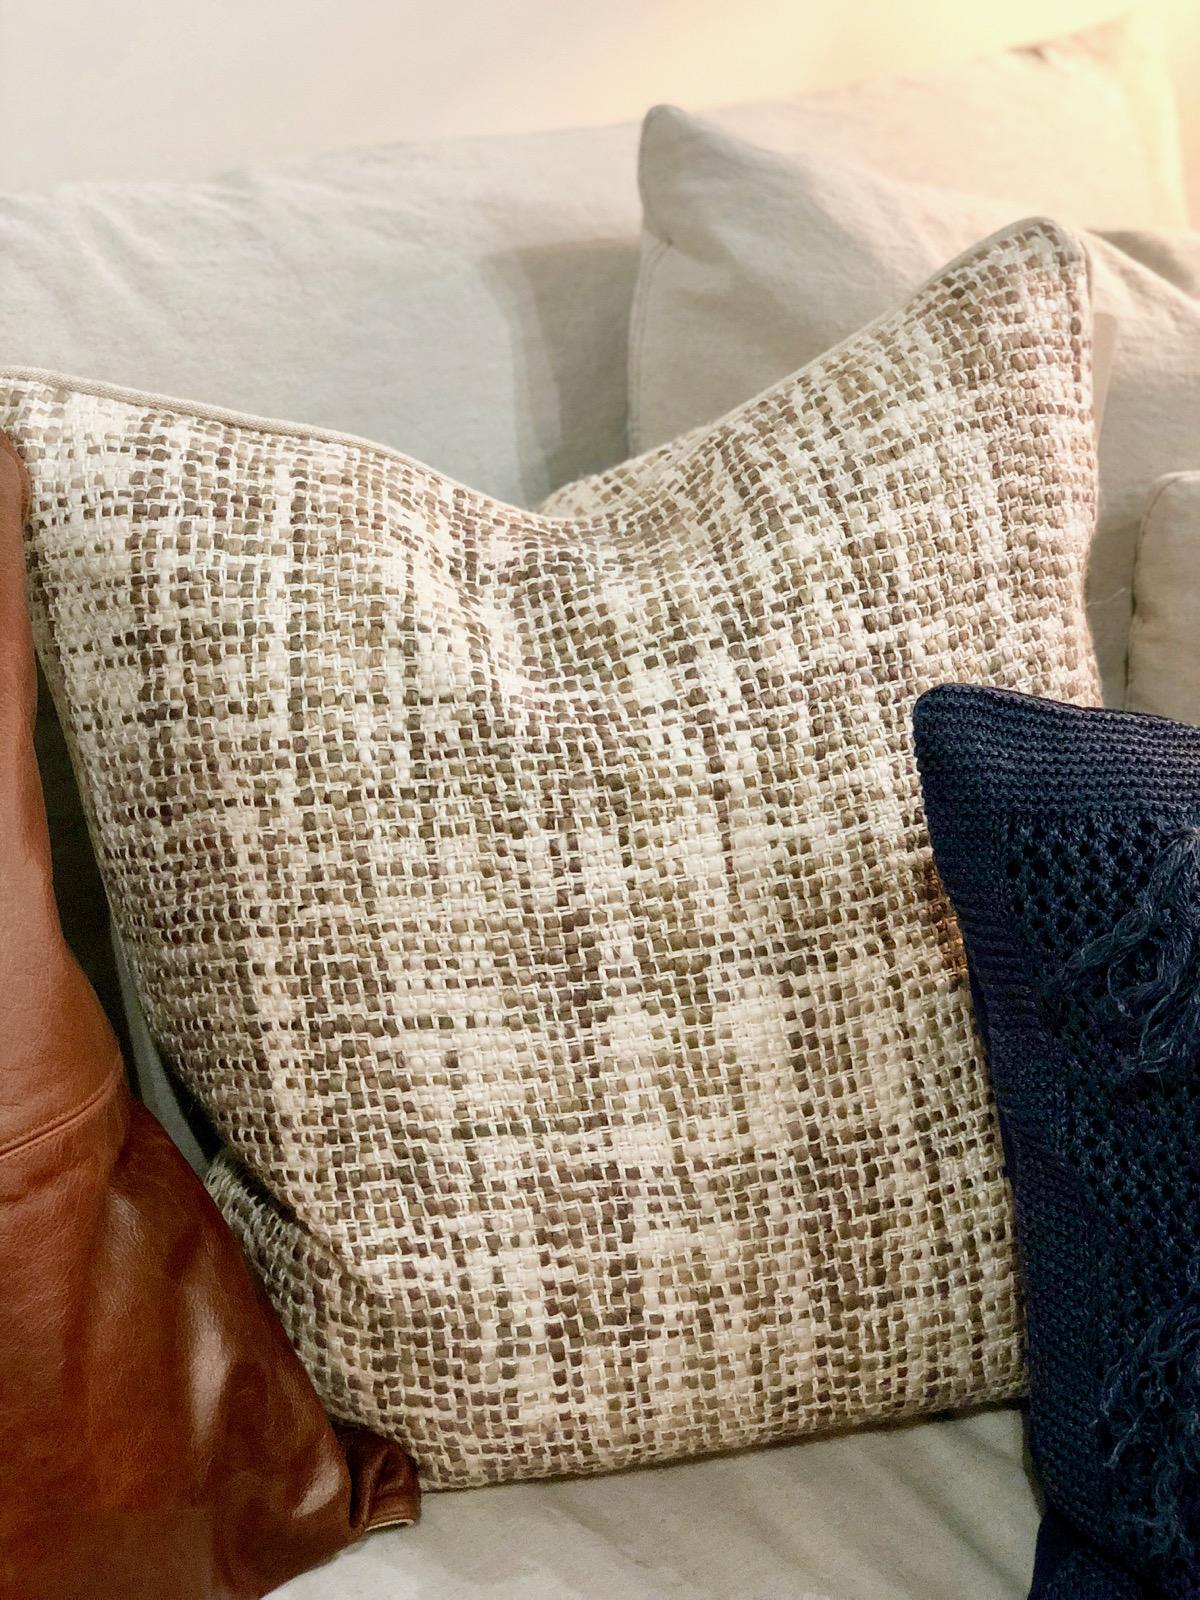 grey-tweed-couch-sofa-pillow-omaha-nebraska